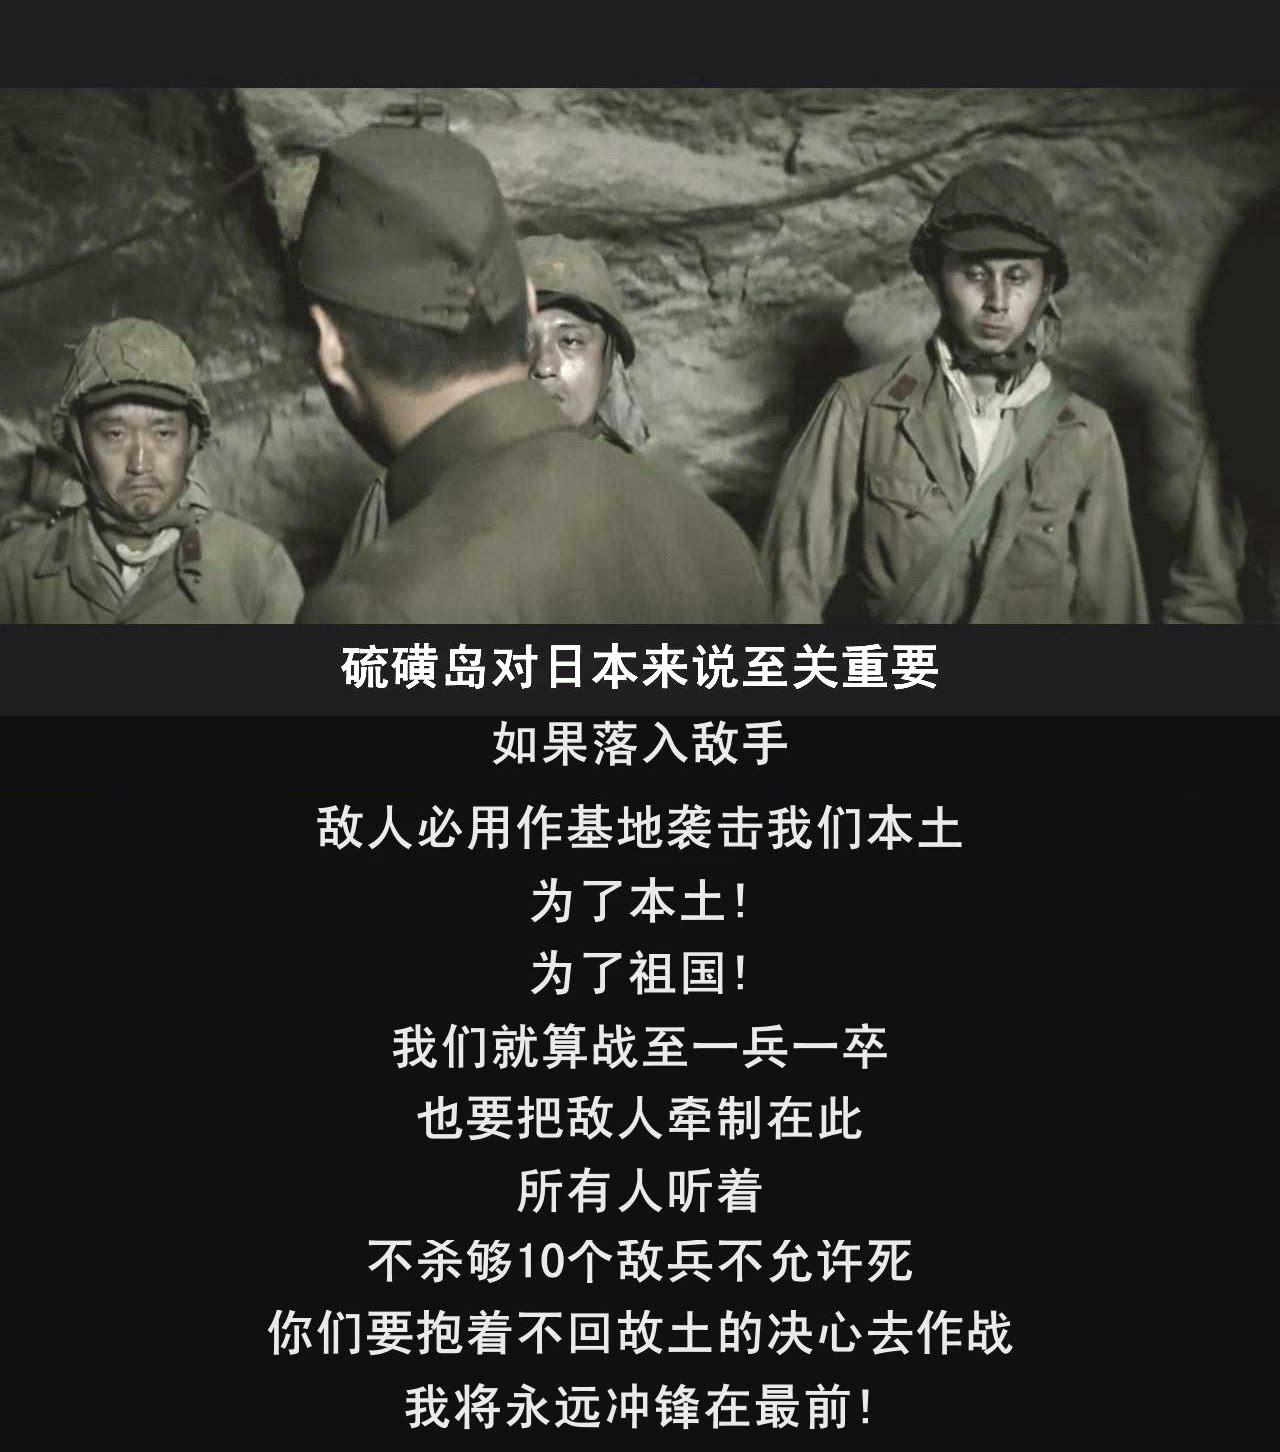 实力悬殊的硫磺岛之战,日寇将领对症下药,美军伤亡人数超过日军